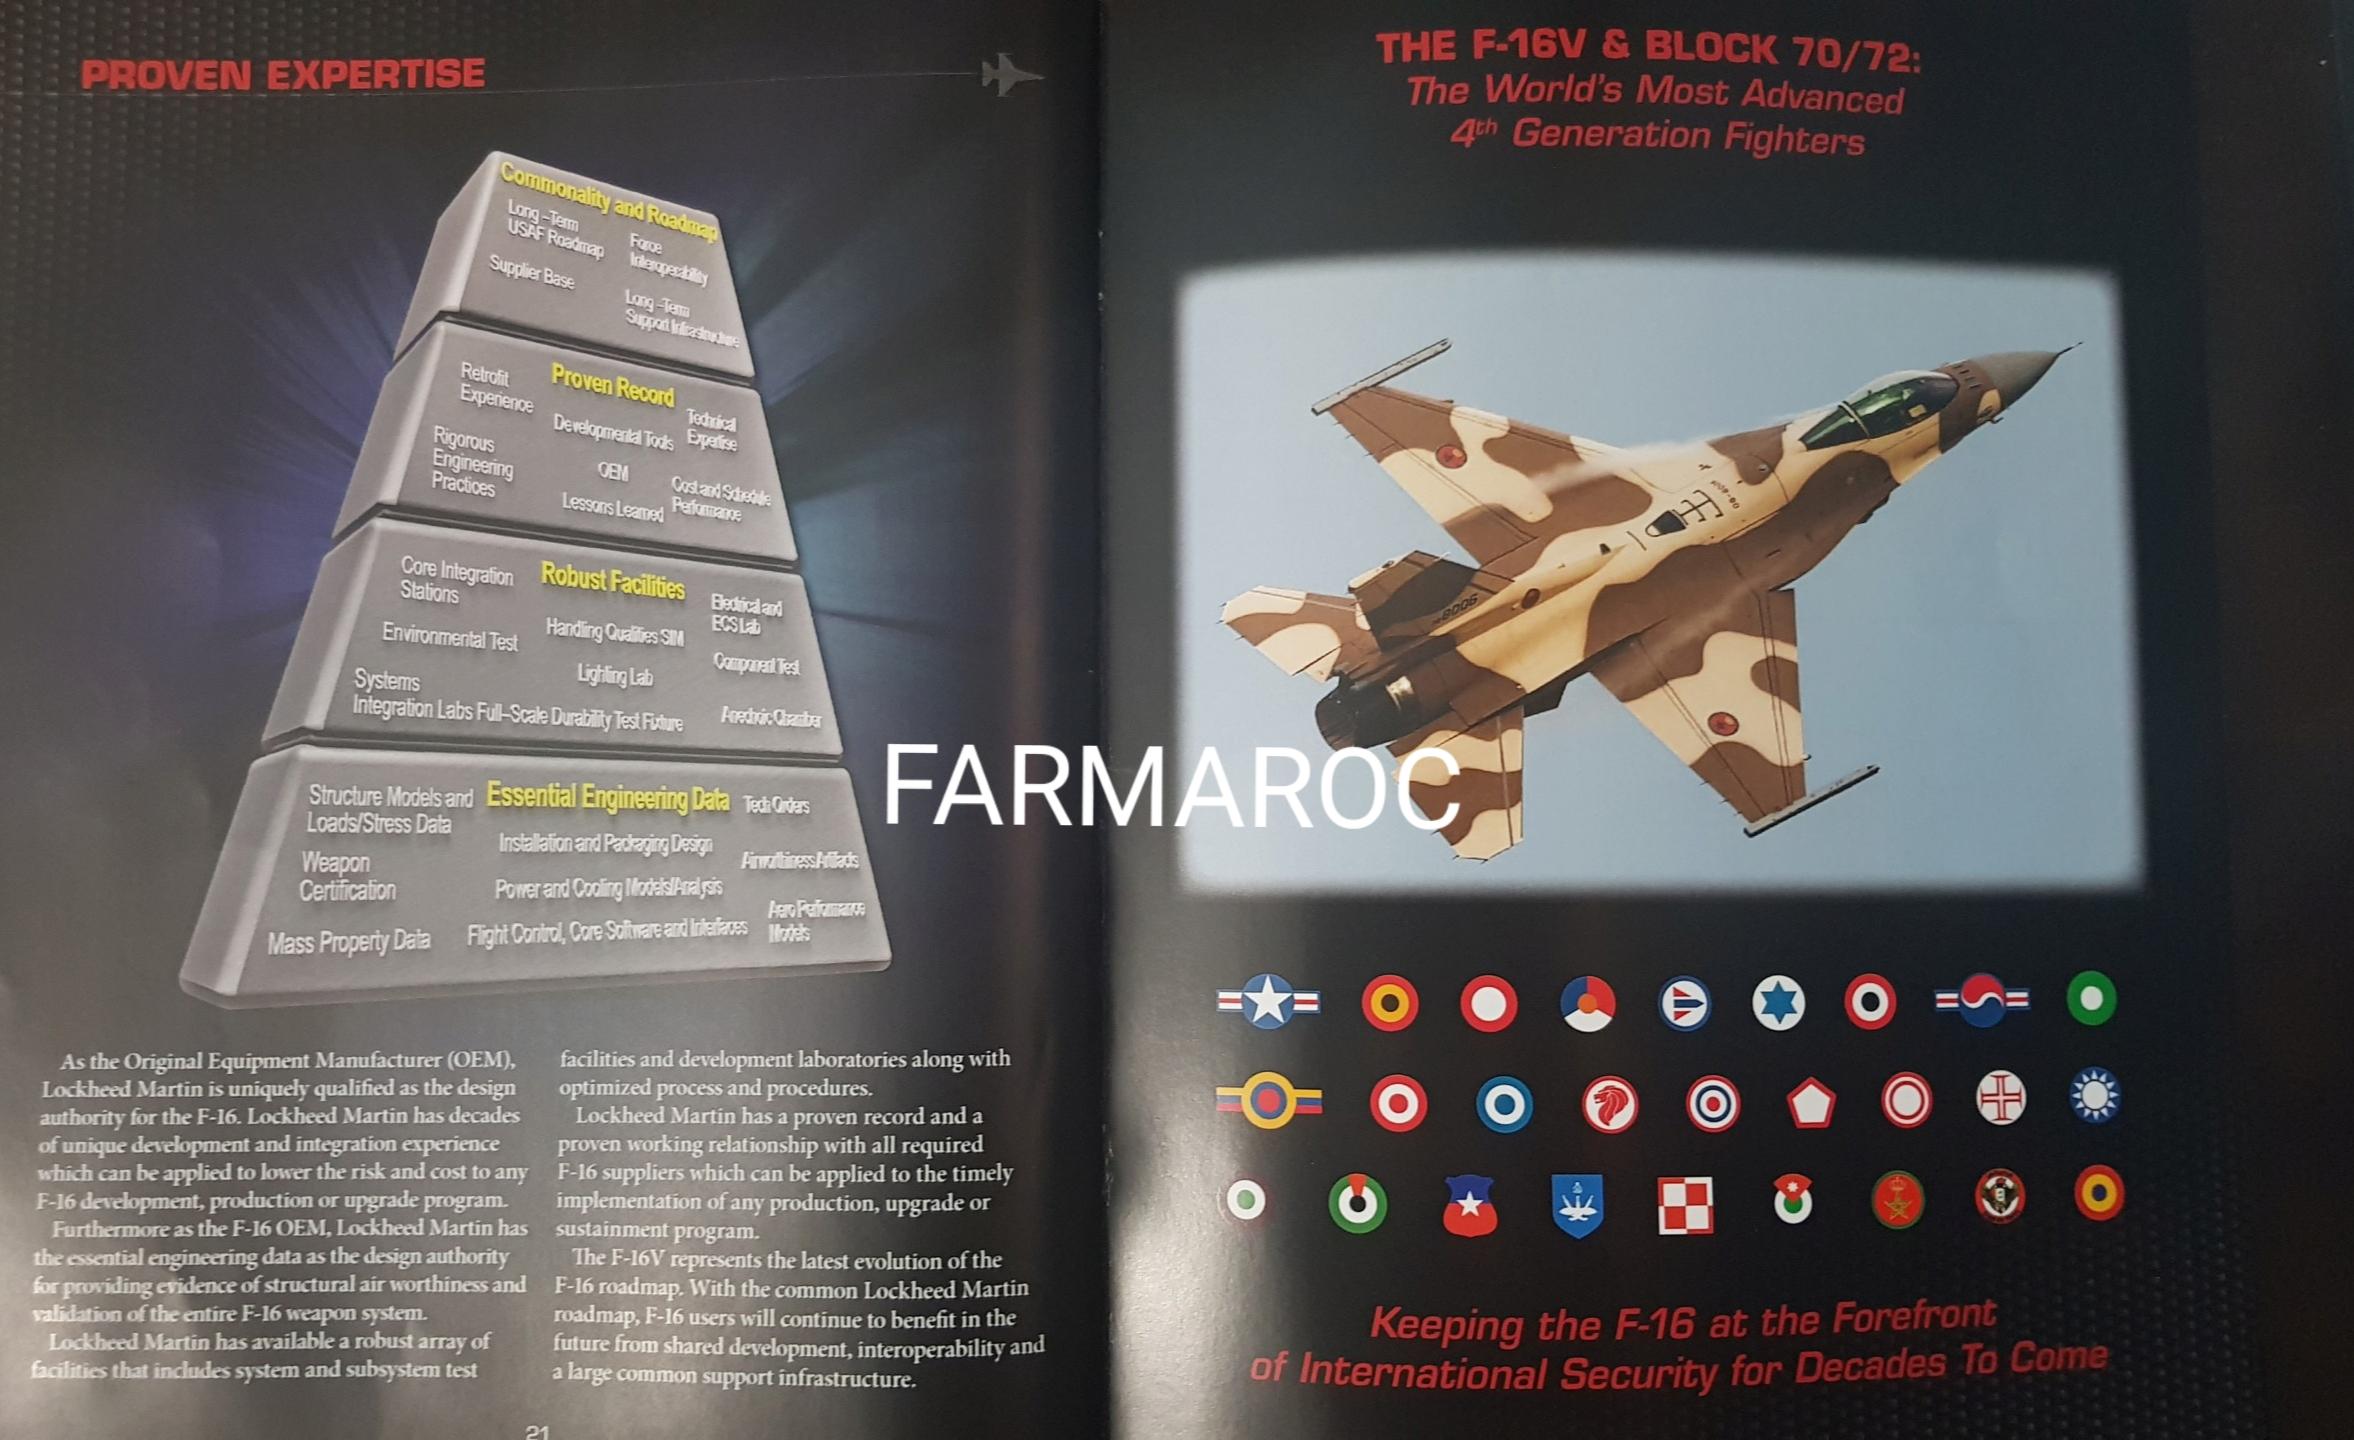 The Moroccan F-16V Viper / Block 72 program - Page 4 45580113422_b5f159130e_o